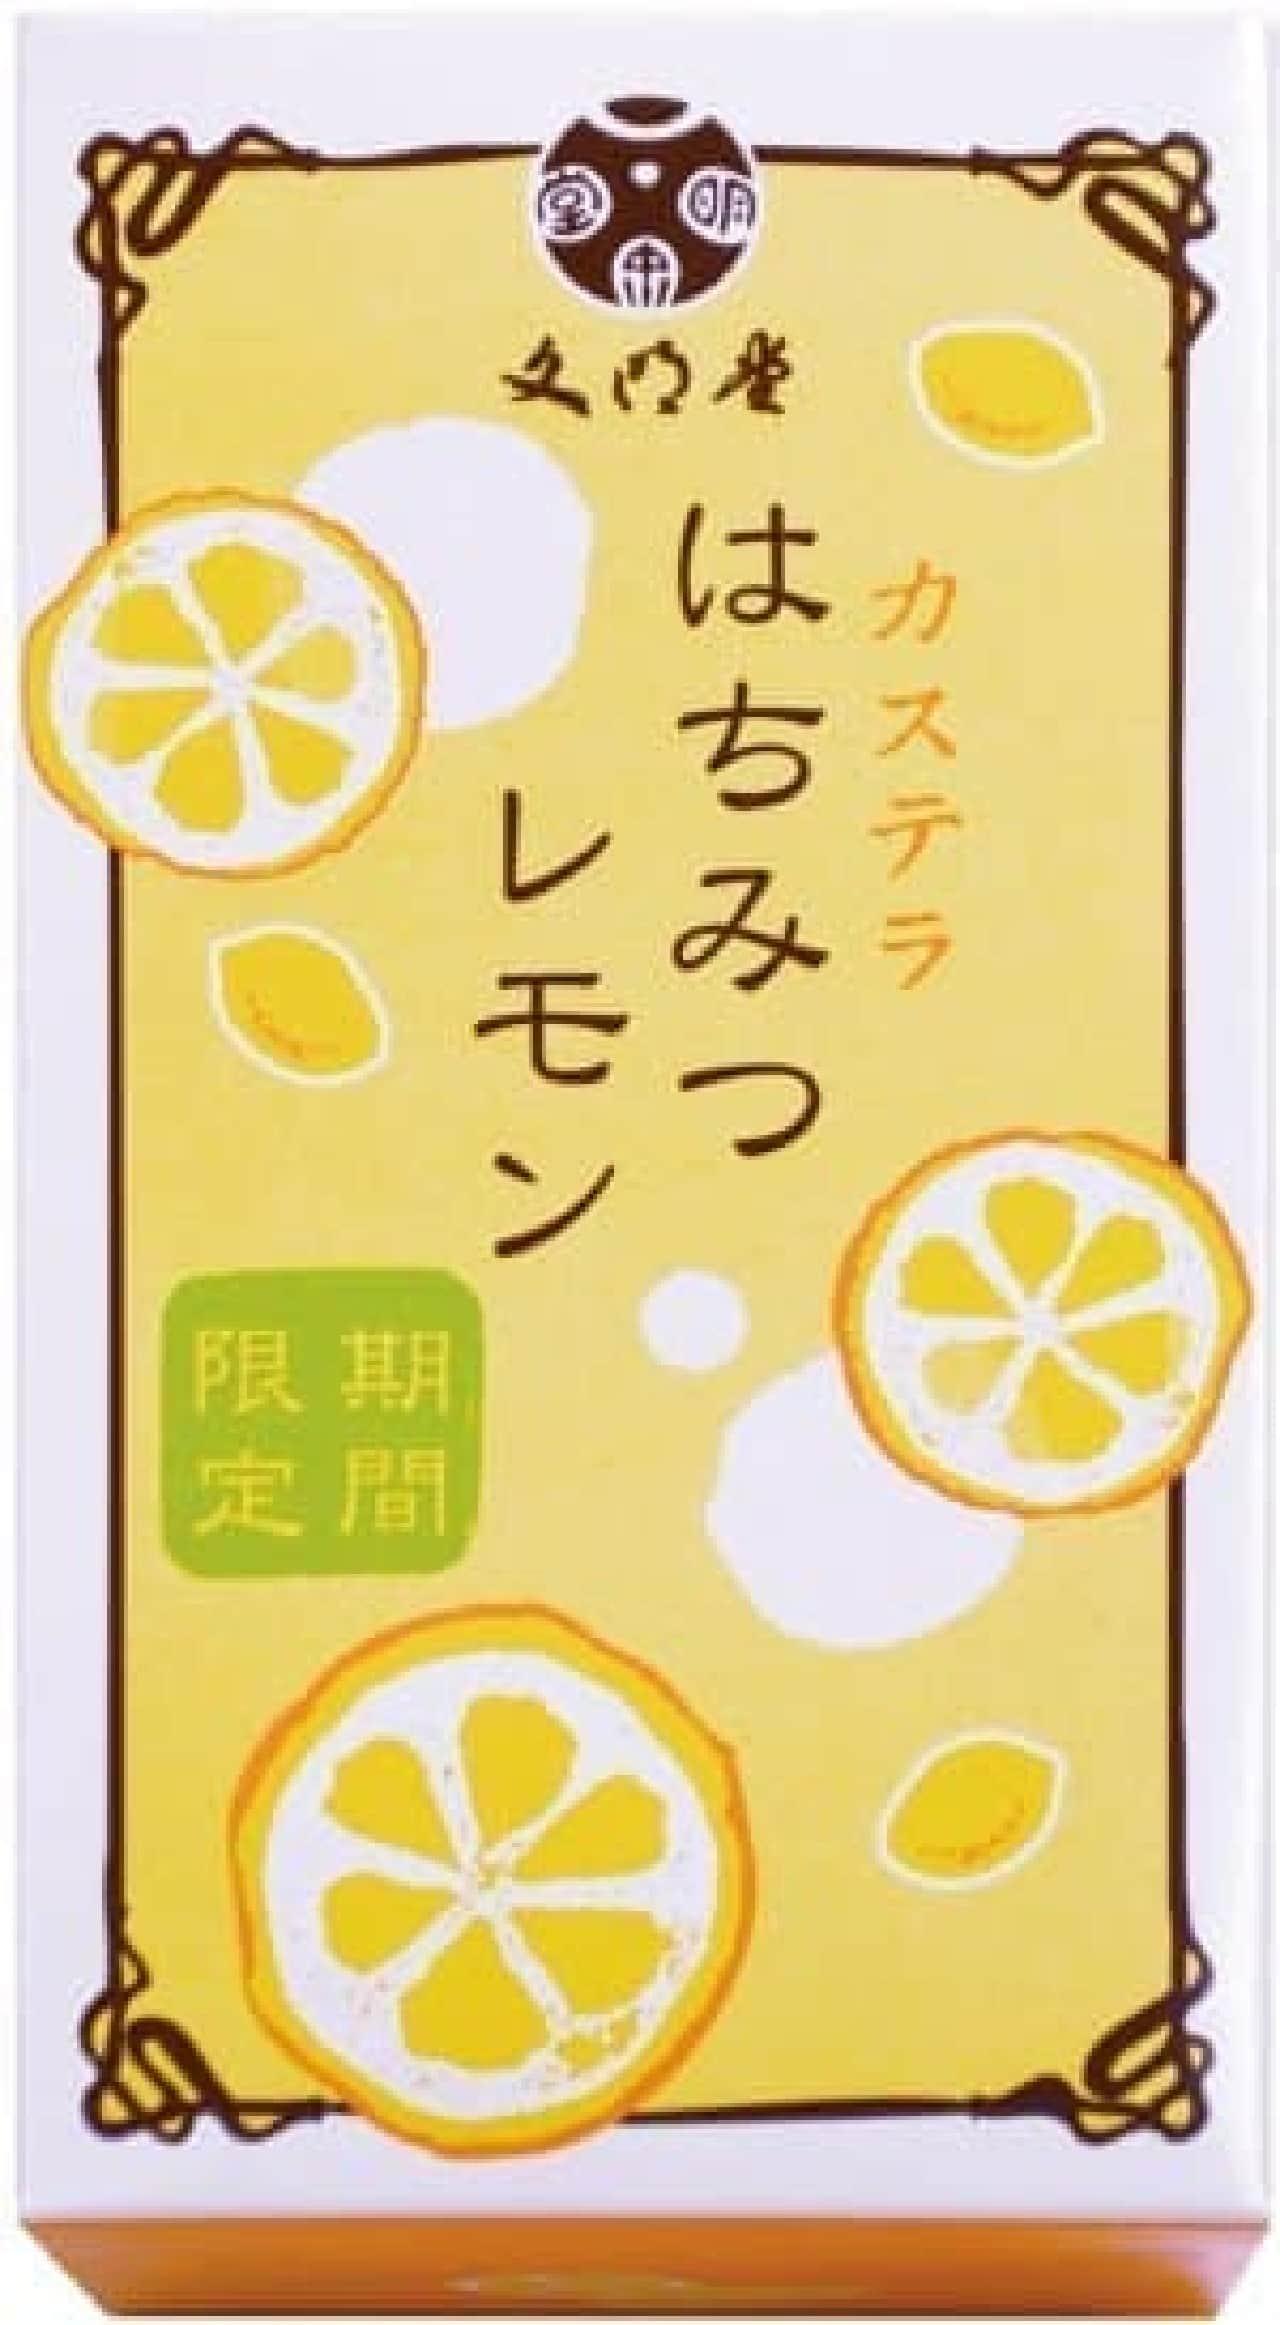 文明堂フローズンカステラ「はちみつレモン」